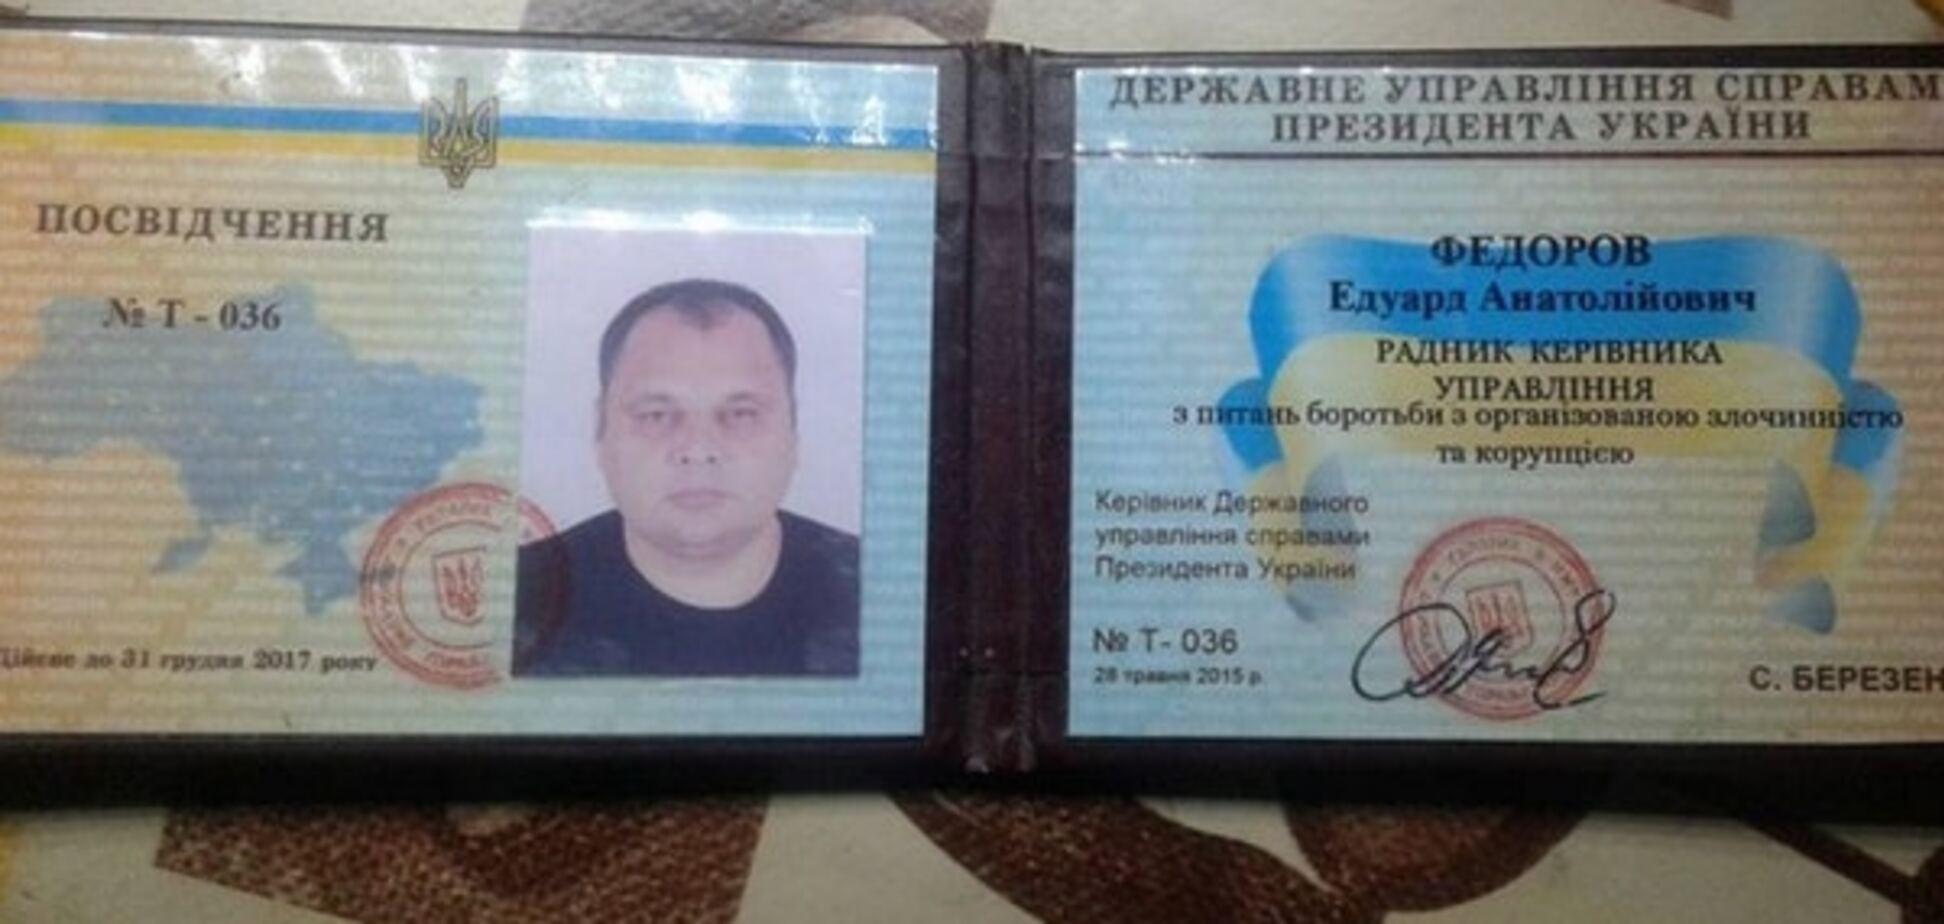 Спійманий на кордоні з Кримом 'соратник Порошенка' виявився фейковим